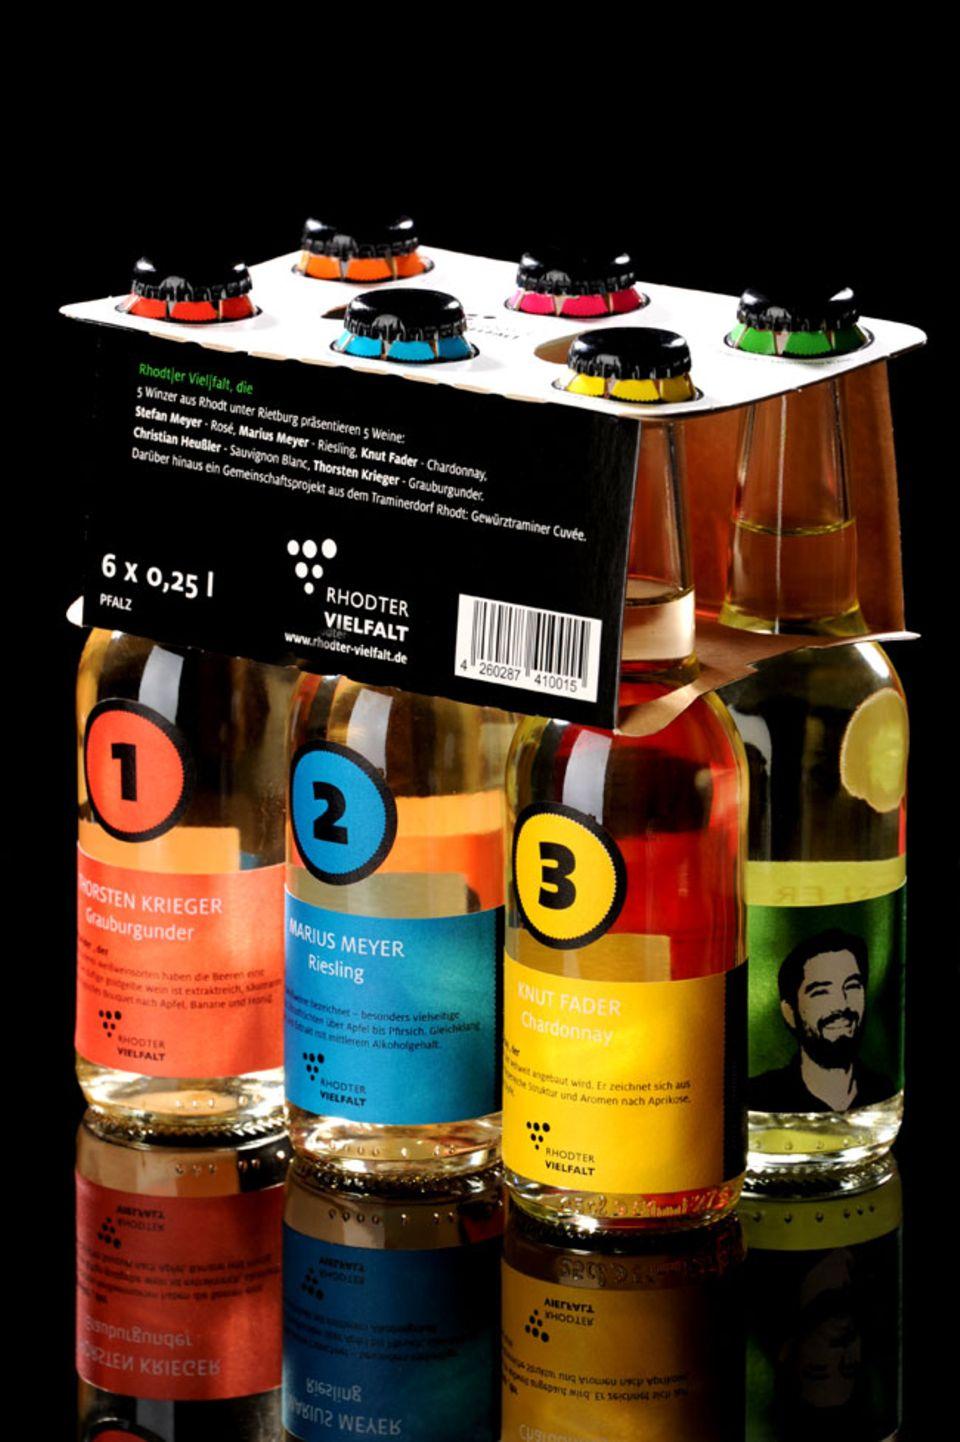 Wein im Sechserpack: Die Rhodter Vielfalt